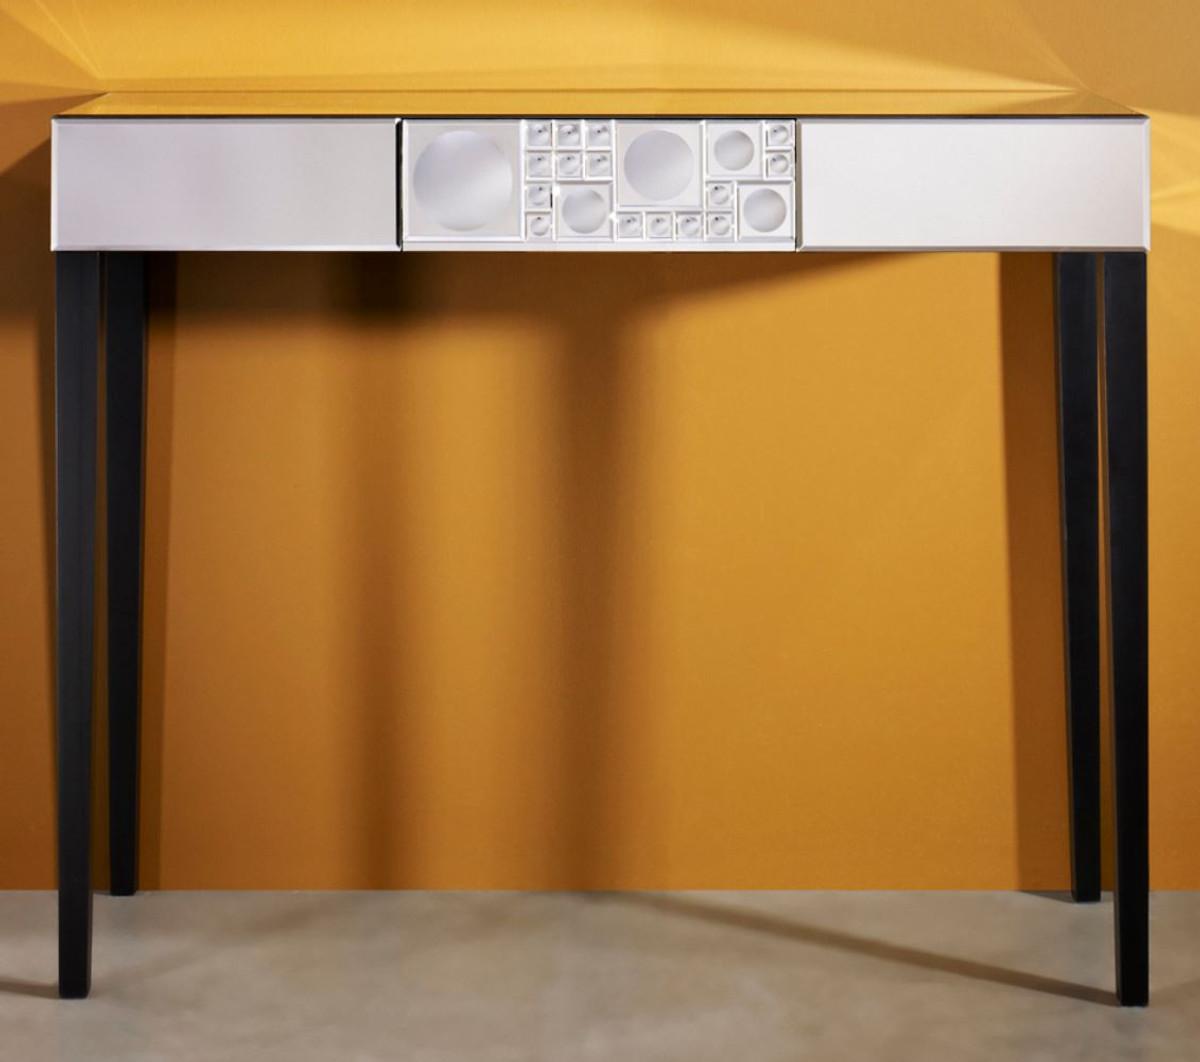 casa padrino luxus hotel konsolentisch 100 x 33 x h 80 cm luxus hotel m bel konsolen luxus. Black Bedroom Furniture Sets. Home Design Ideas